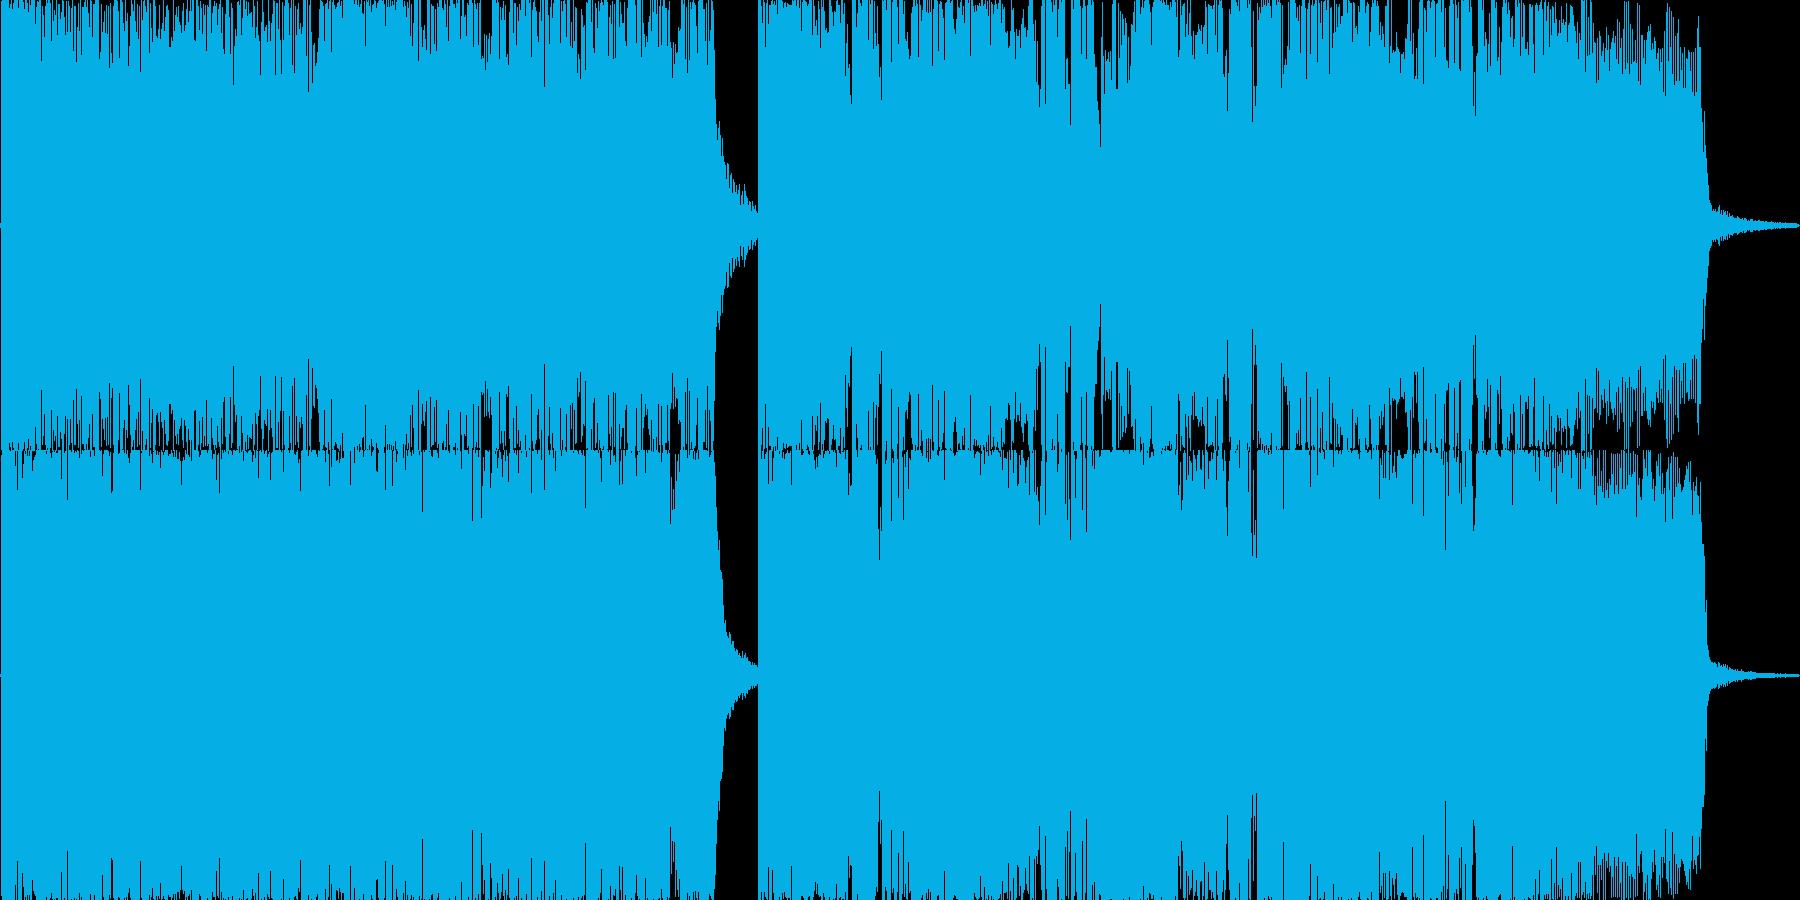 メタルジングルSE!登場やオープニングにの再生済みの波形